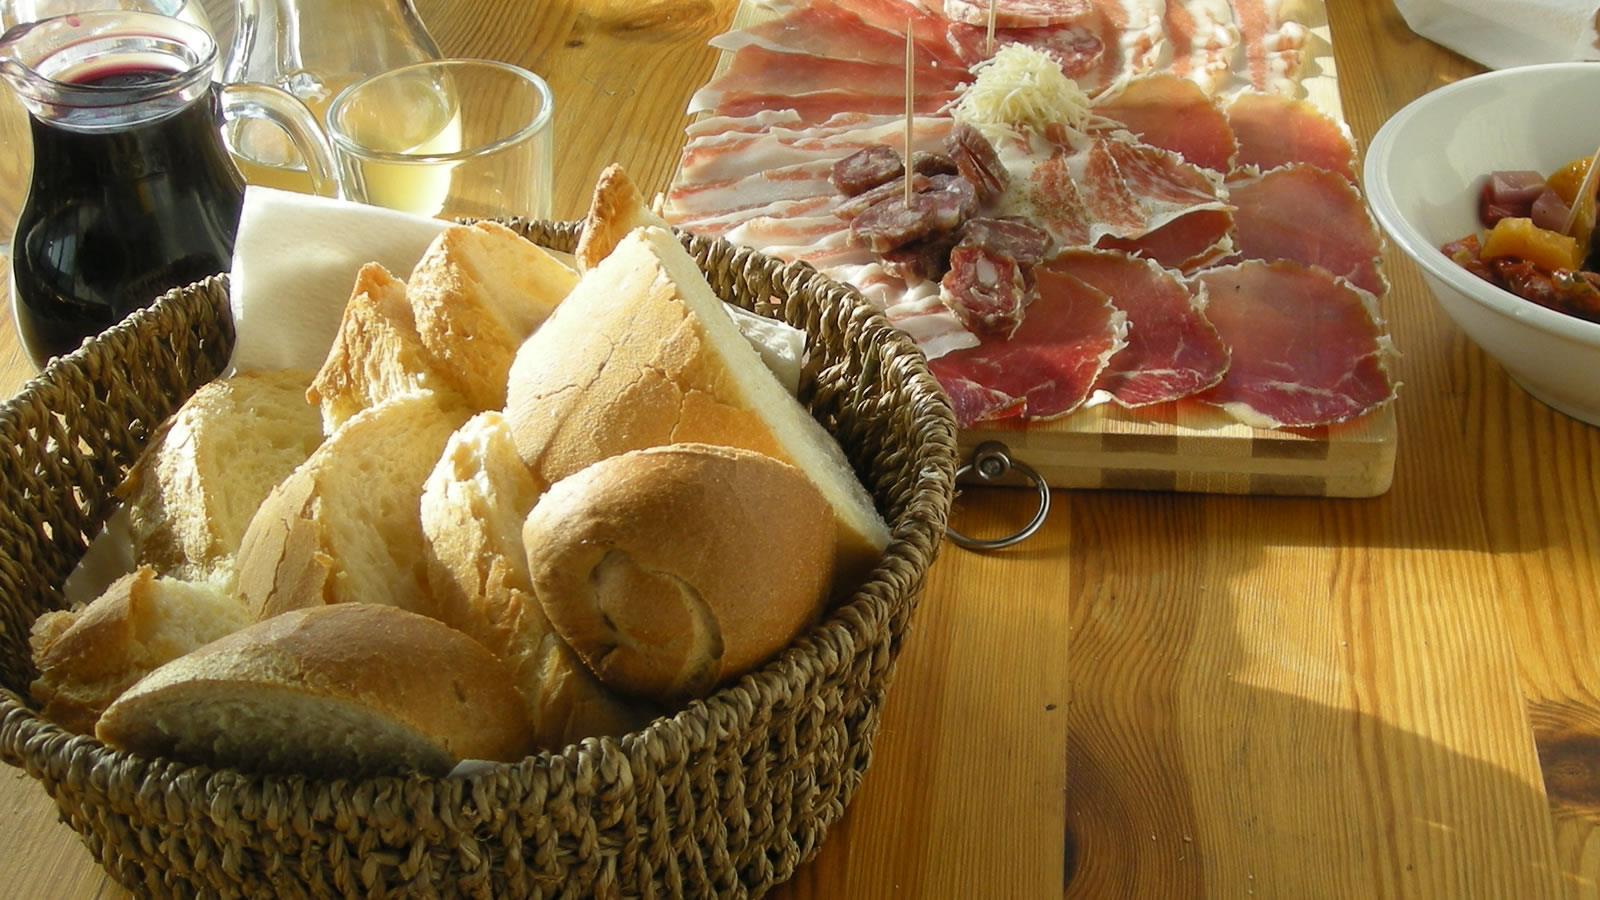 Disegno cucina tipica triestina : Cucina triestina